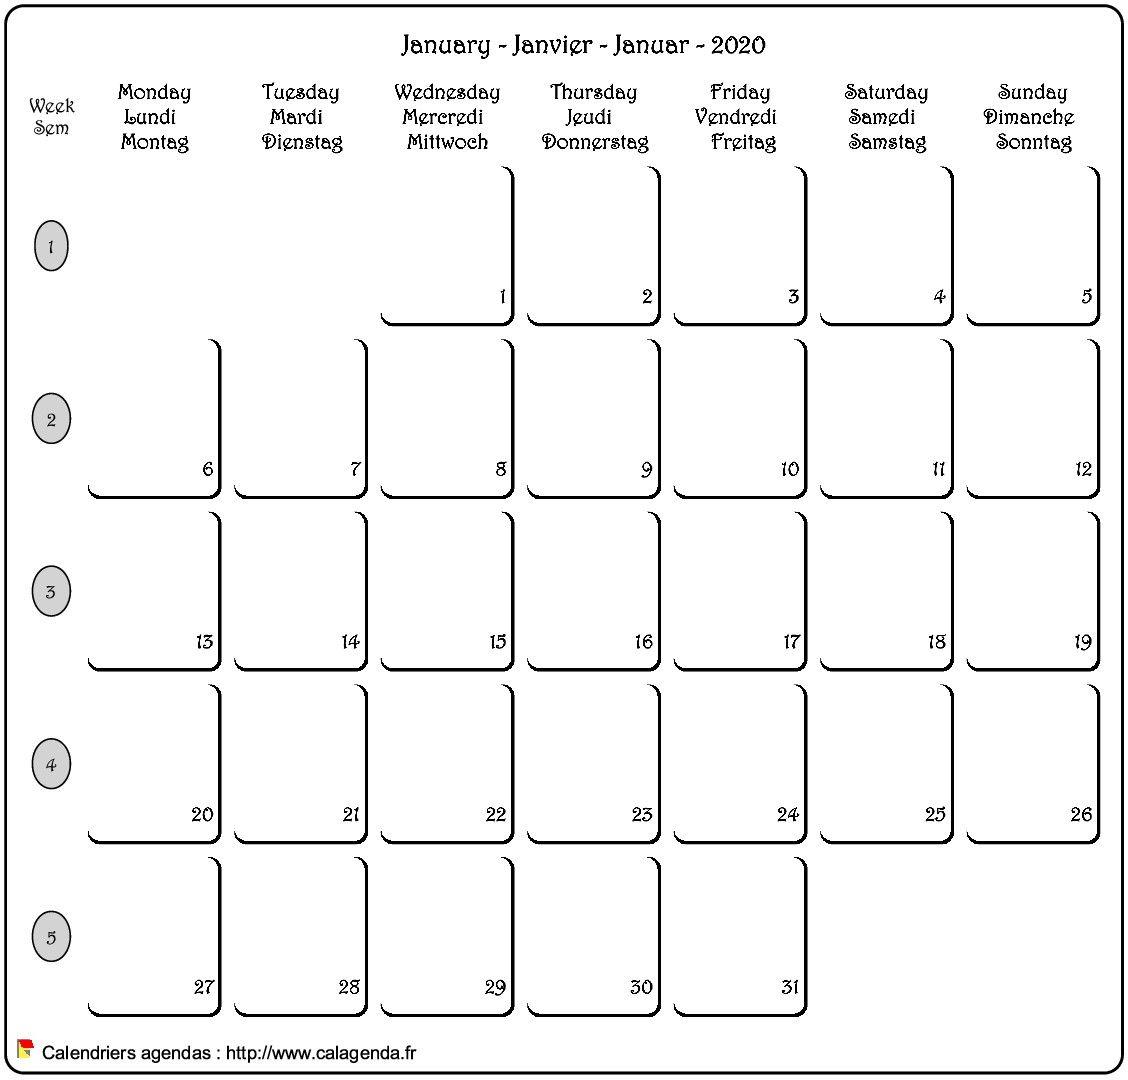 Calendrier mensuel français / anglais / allemand.